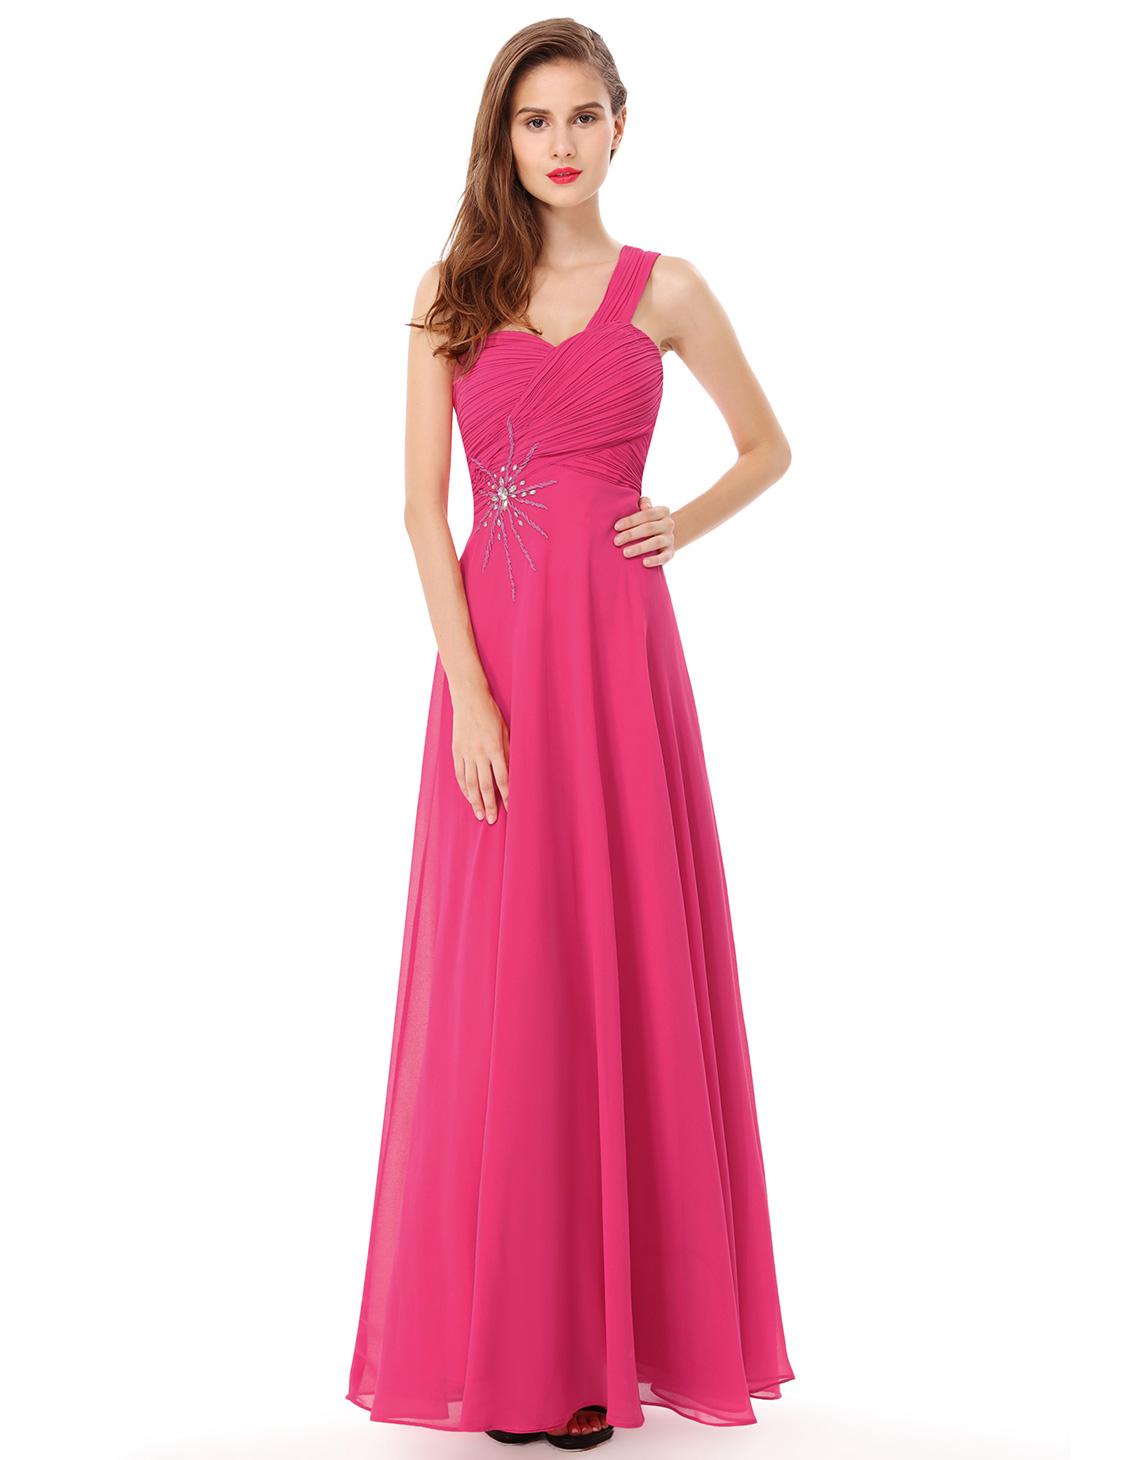 Plesové a společenské šaty Ever Pretty růžová (Dámské šaty)